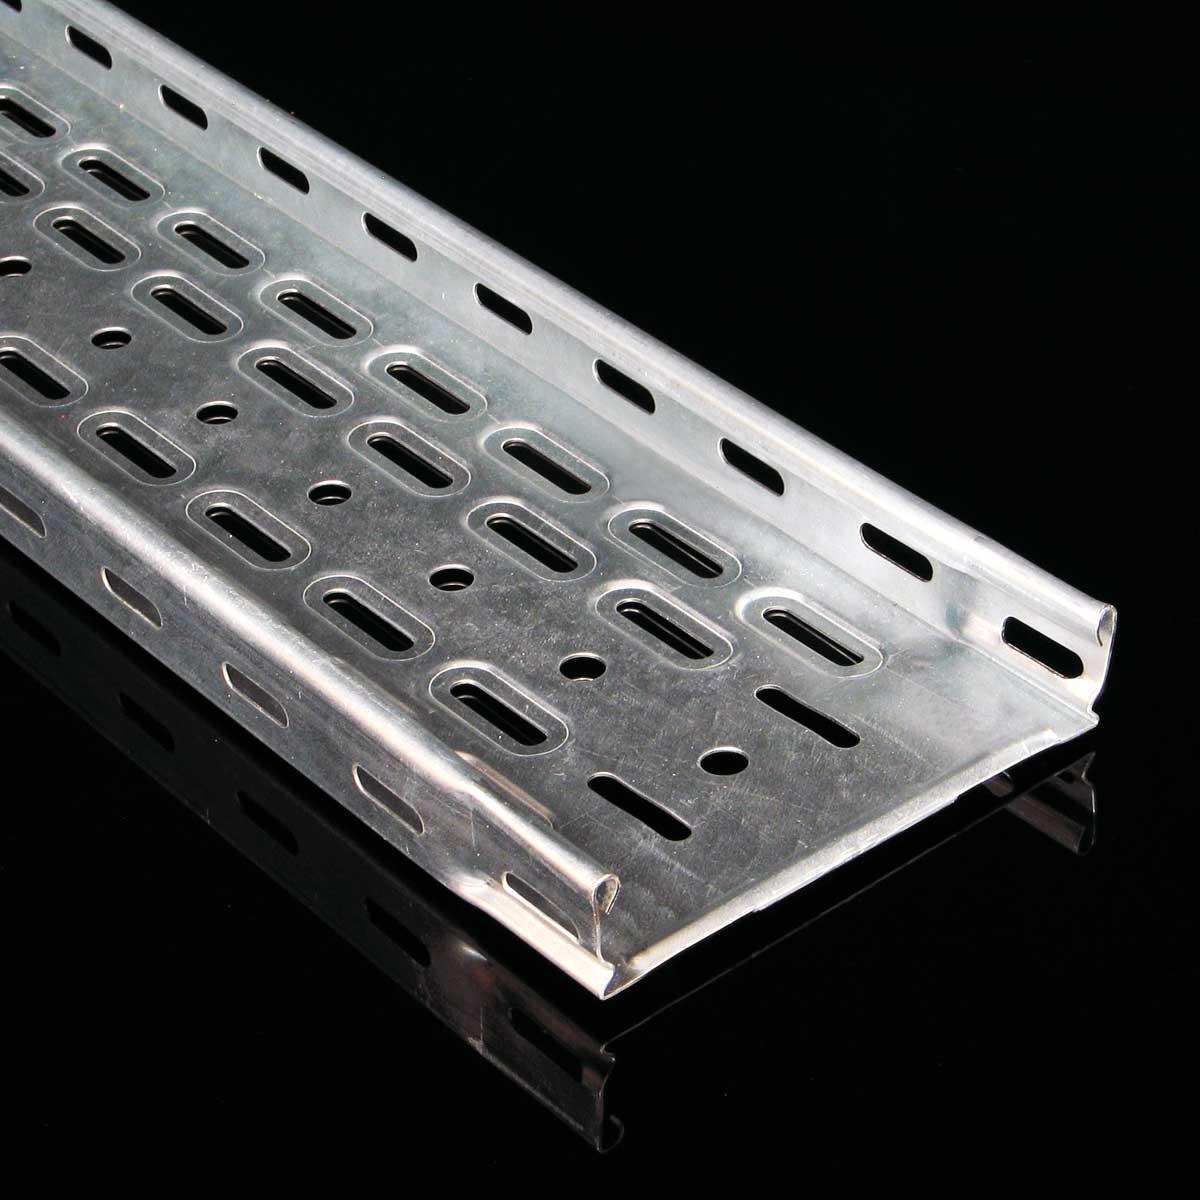 Лоток кабельний Jupiter перфорований з інтегрованим з'єднанням; розміри-35x400x3000mm Товщ. метал-1 Вага-3,24кг/м